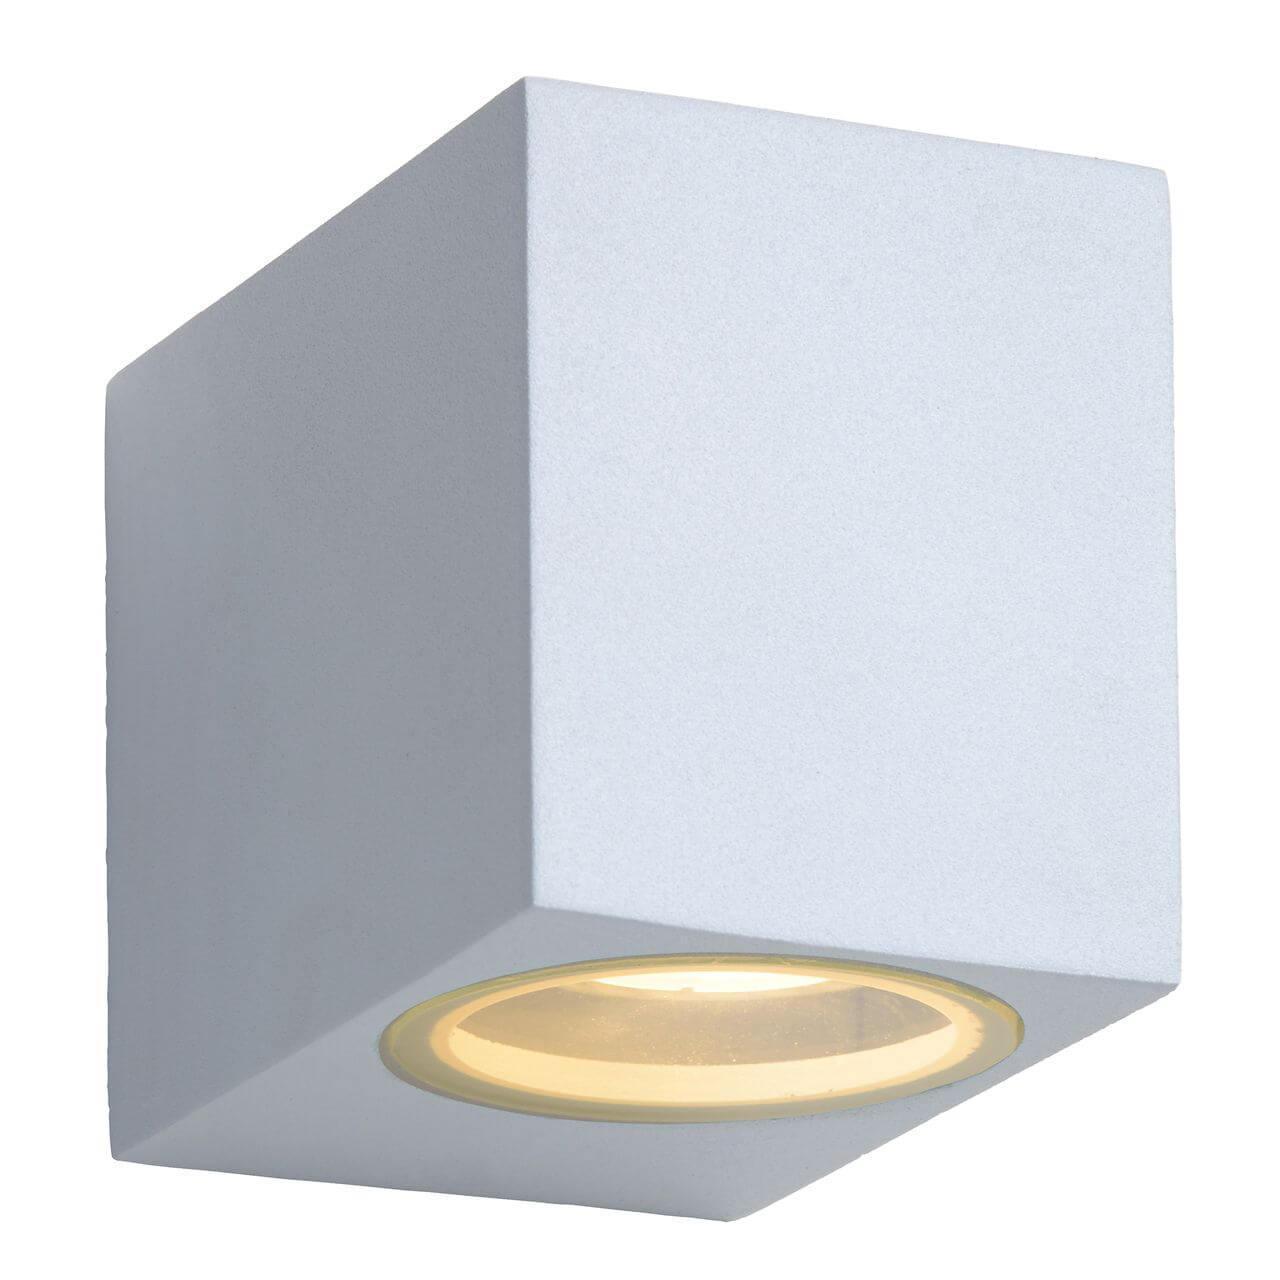 Уличный светильник Lucide 22860/05/31, GU10 светильник lucide jarich led 36419 20 62